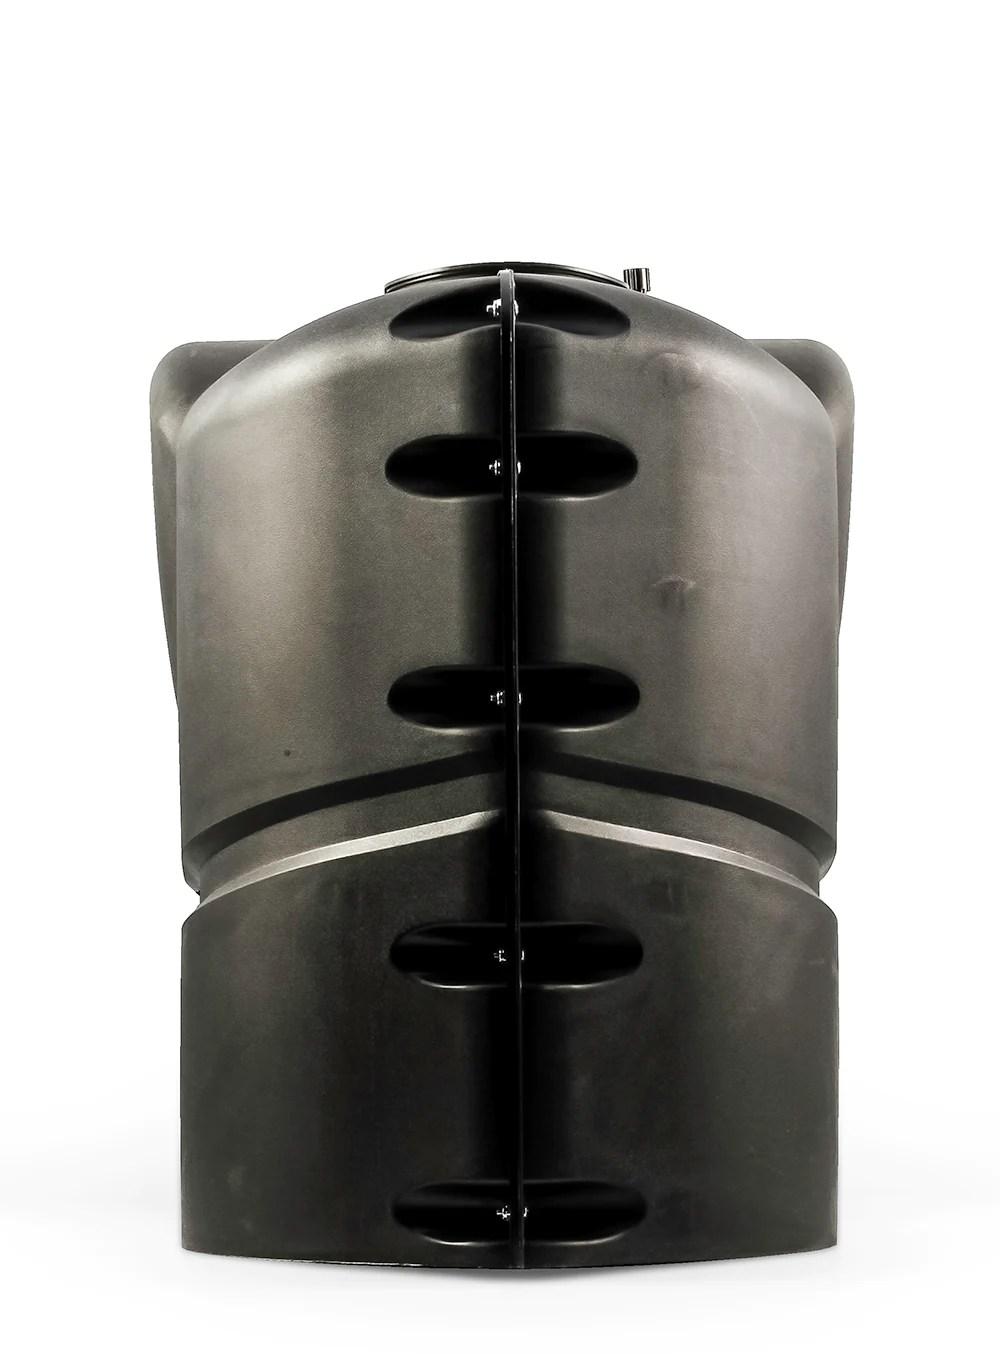 Pound Lp Gas Dual Tank Cover - Black United Rv